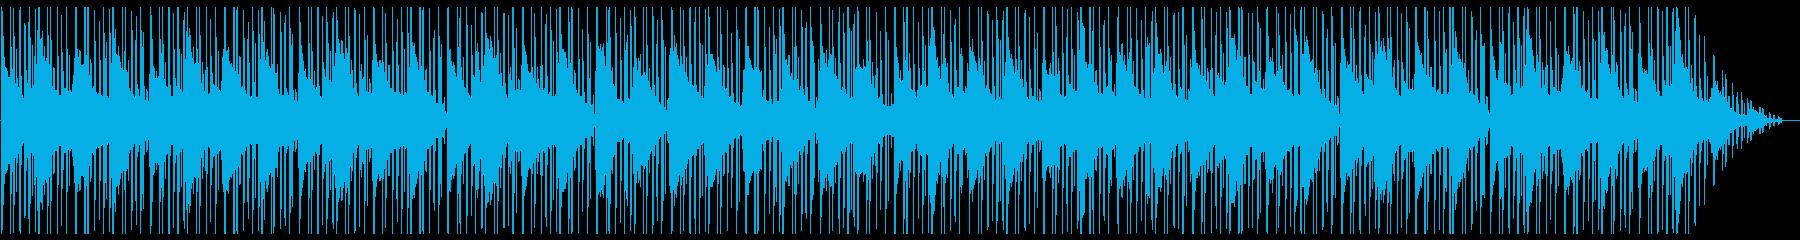 ゲーム・メニュー・酒場 メロウなピアノの再生済みの波形